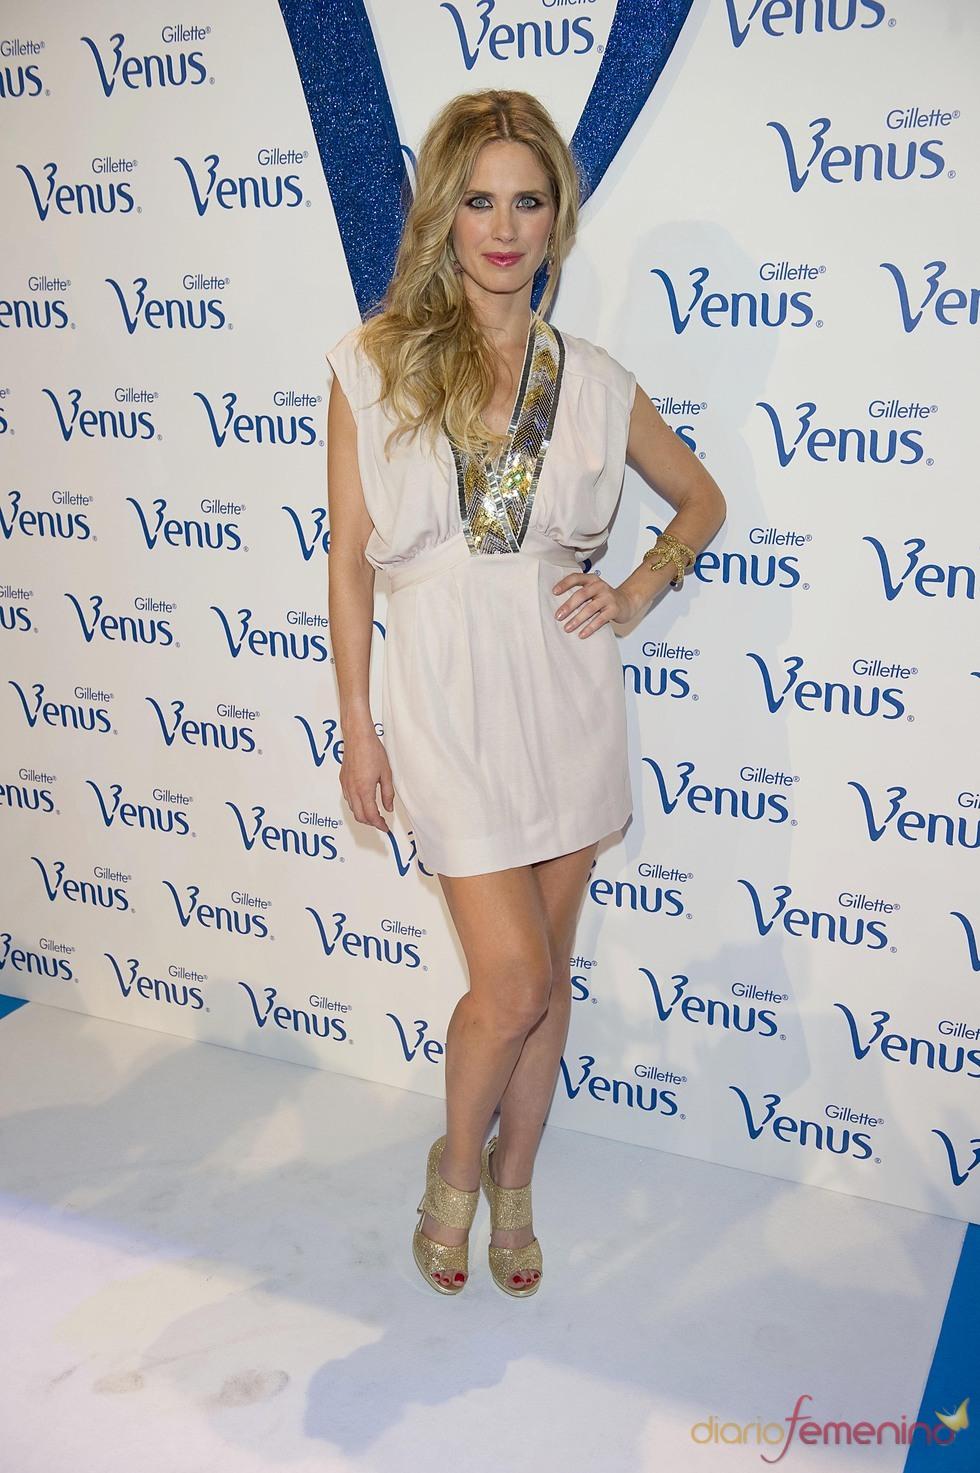 Vanessa Romero en los Premios Venus de Diseño 2011